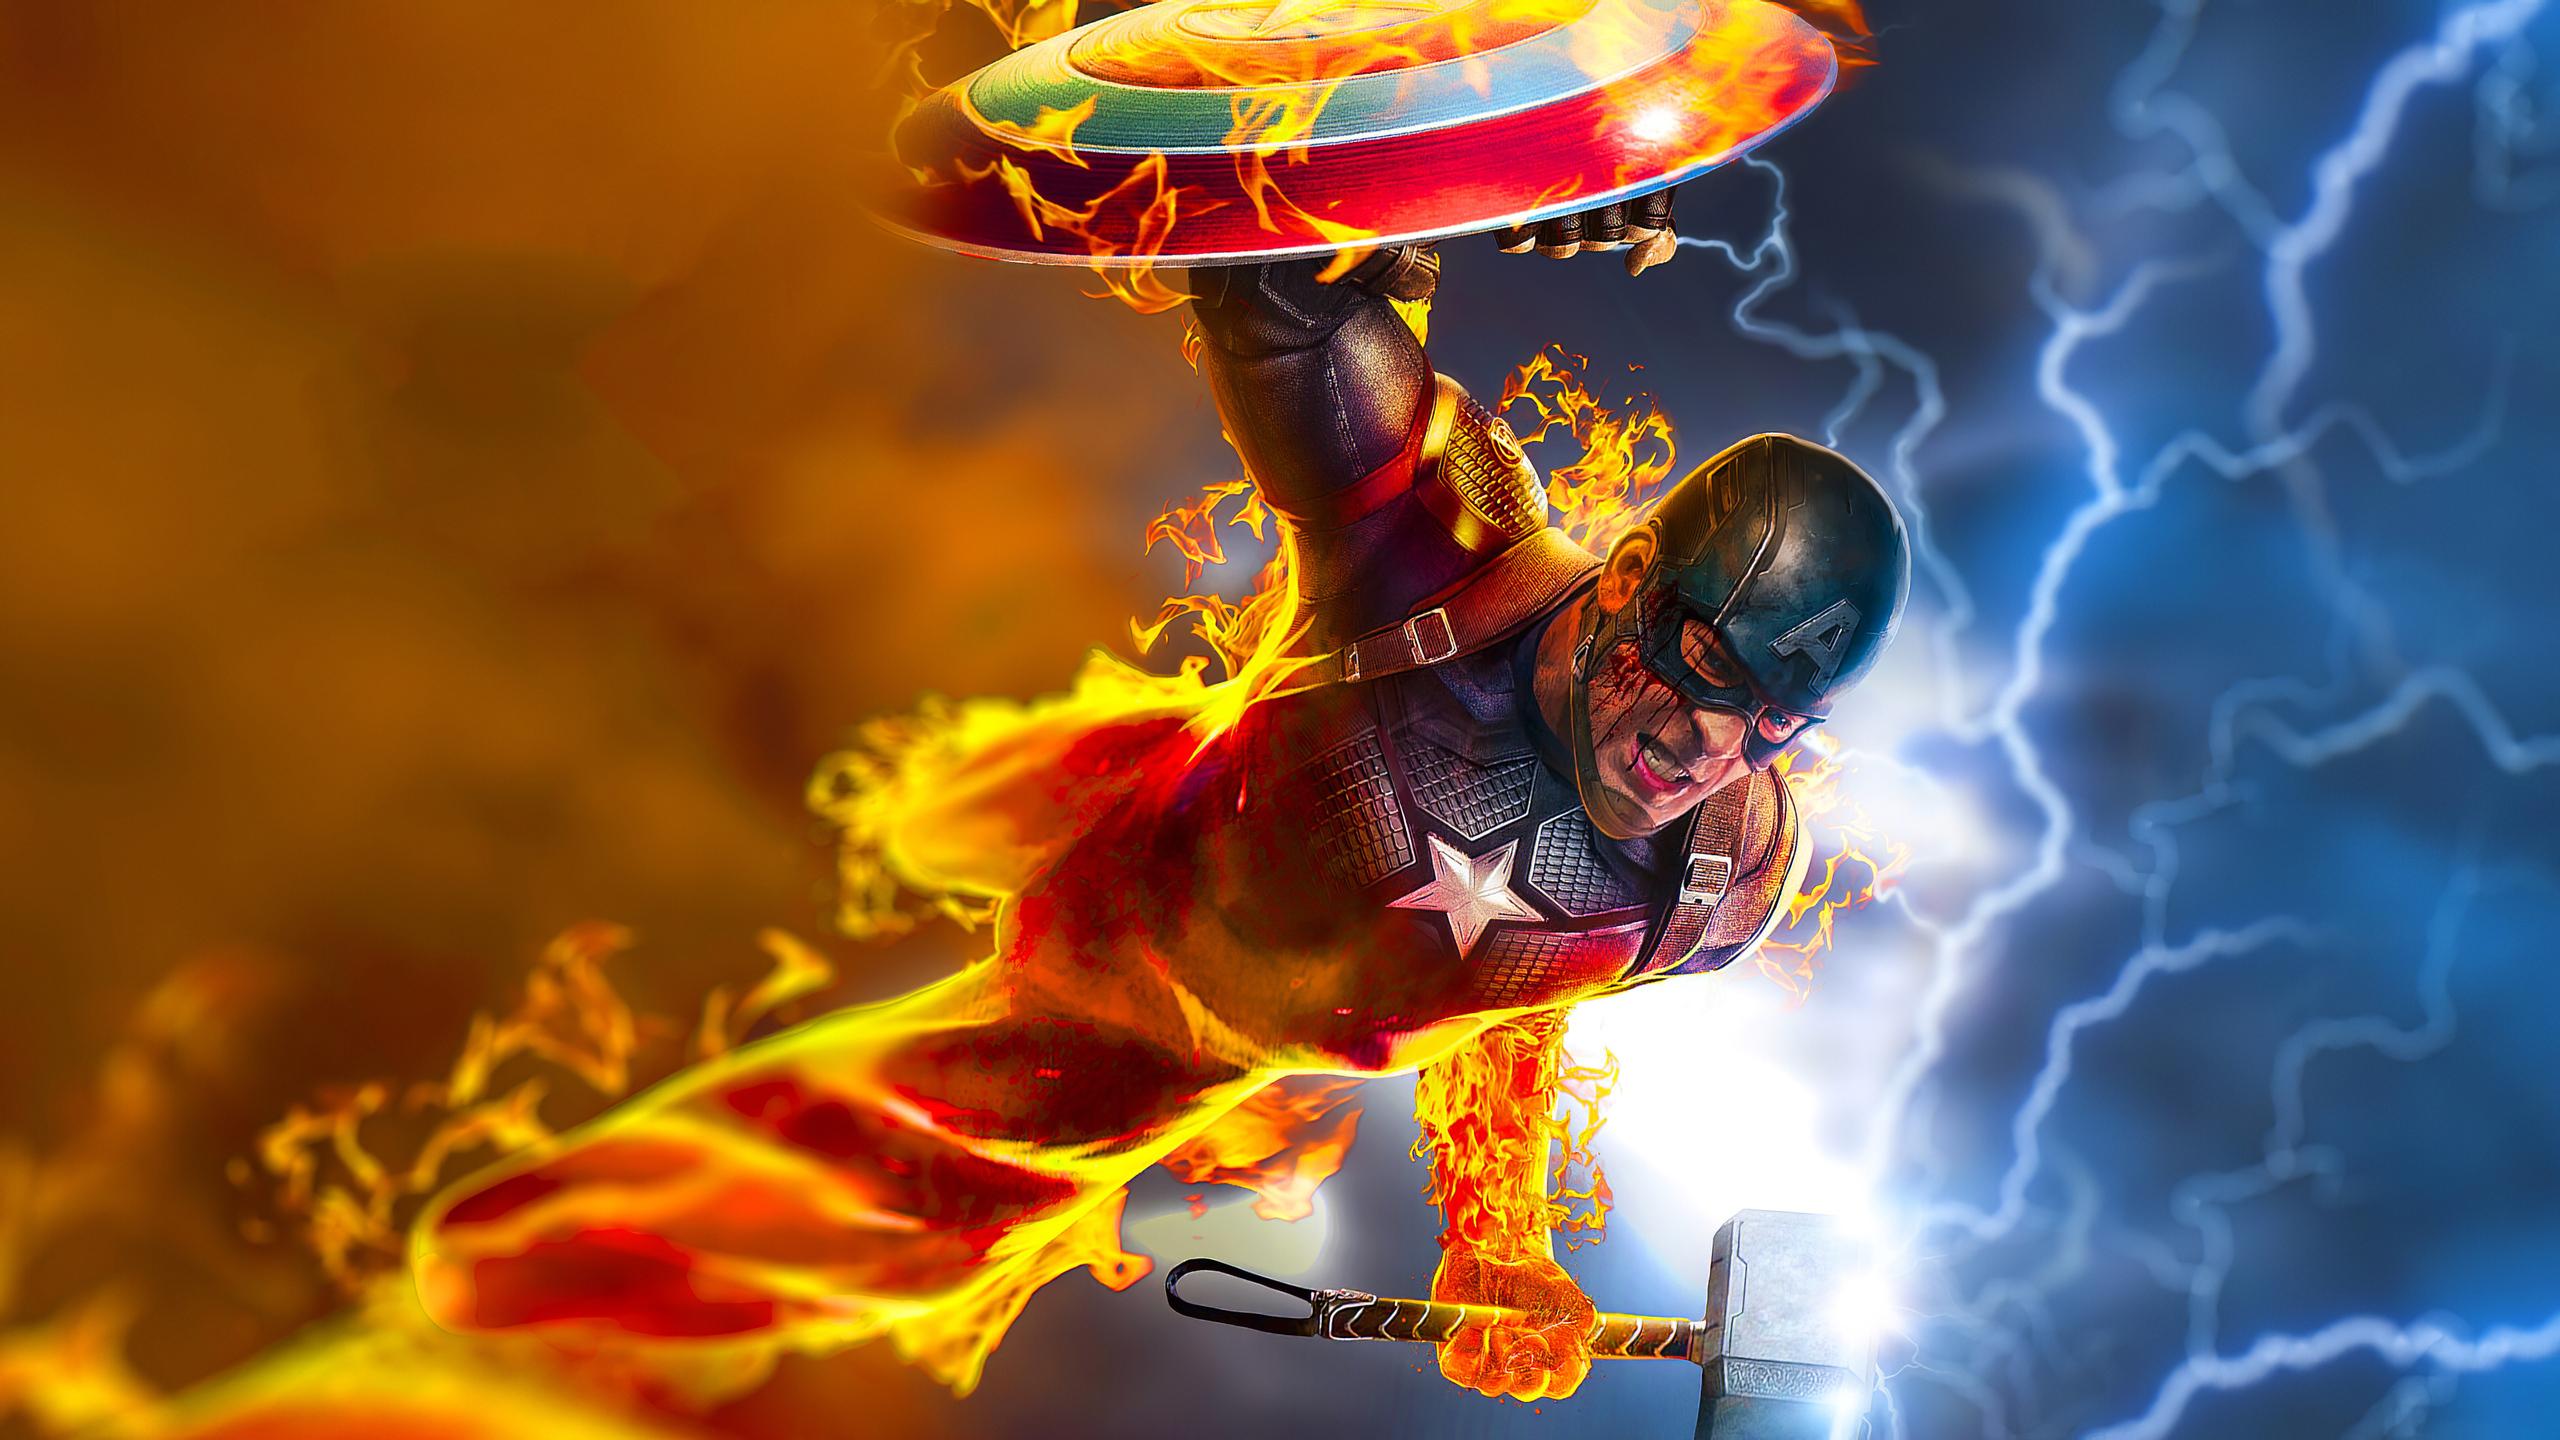 captain-america-4k-burning-hammer-9n.jpg